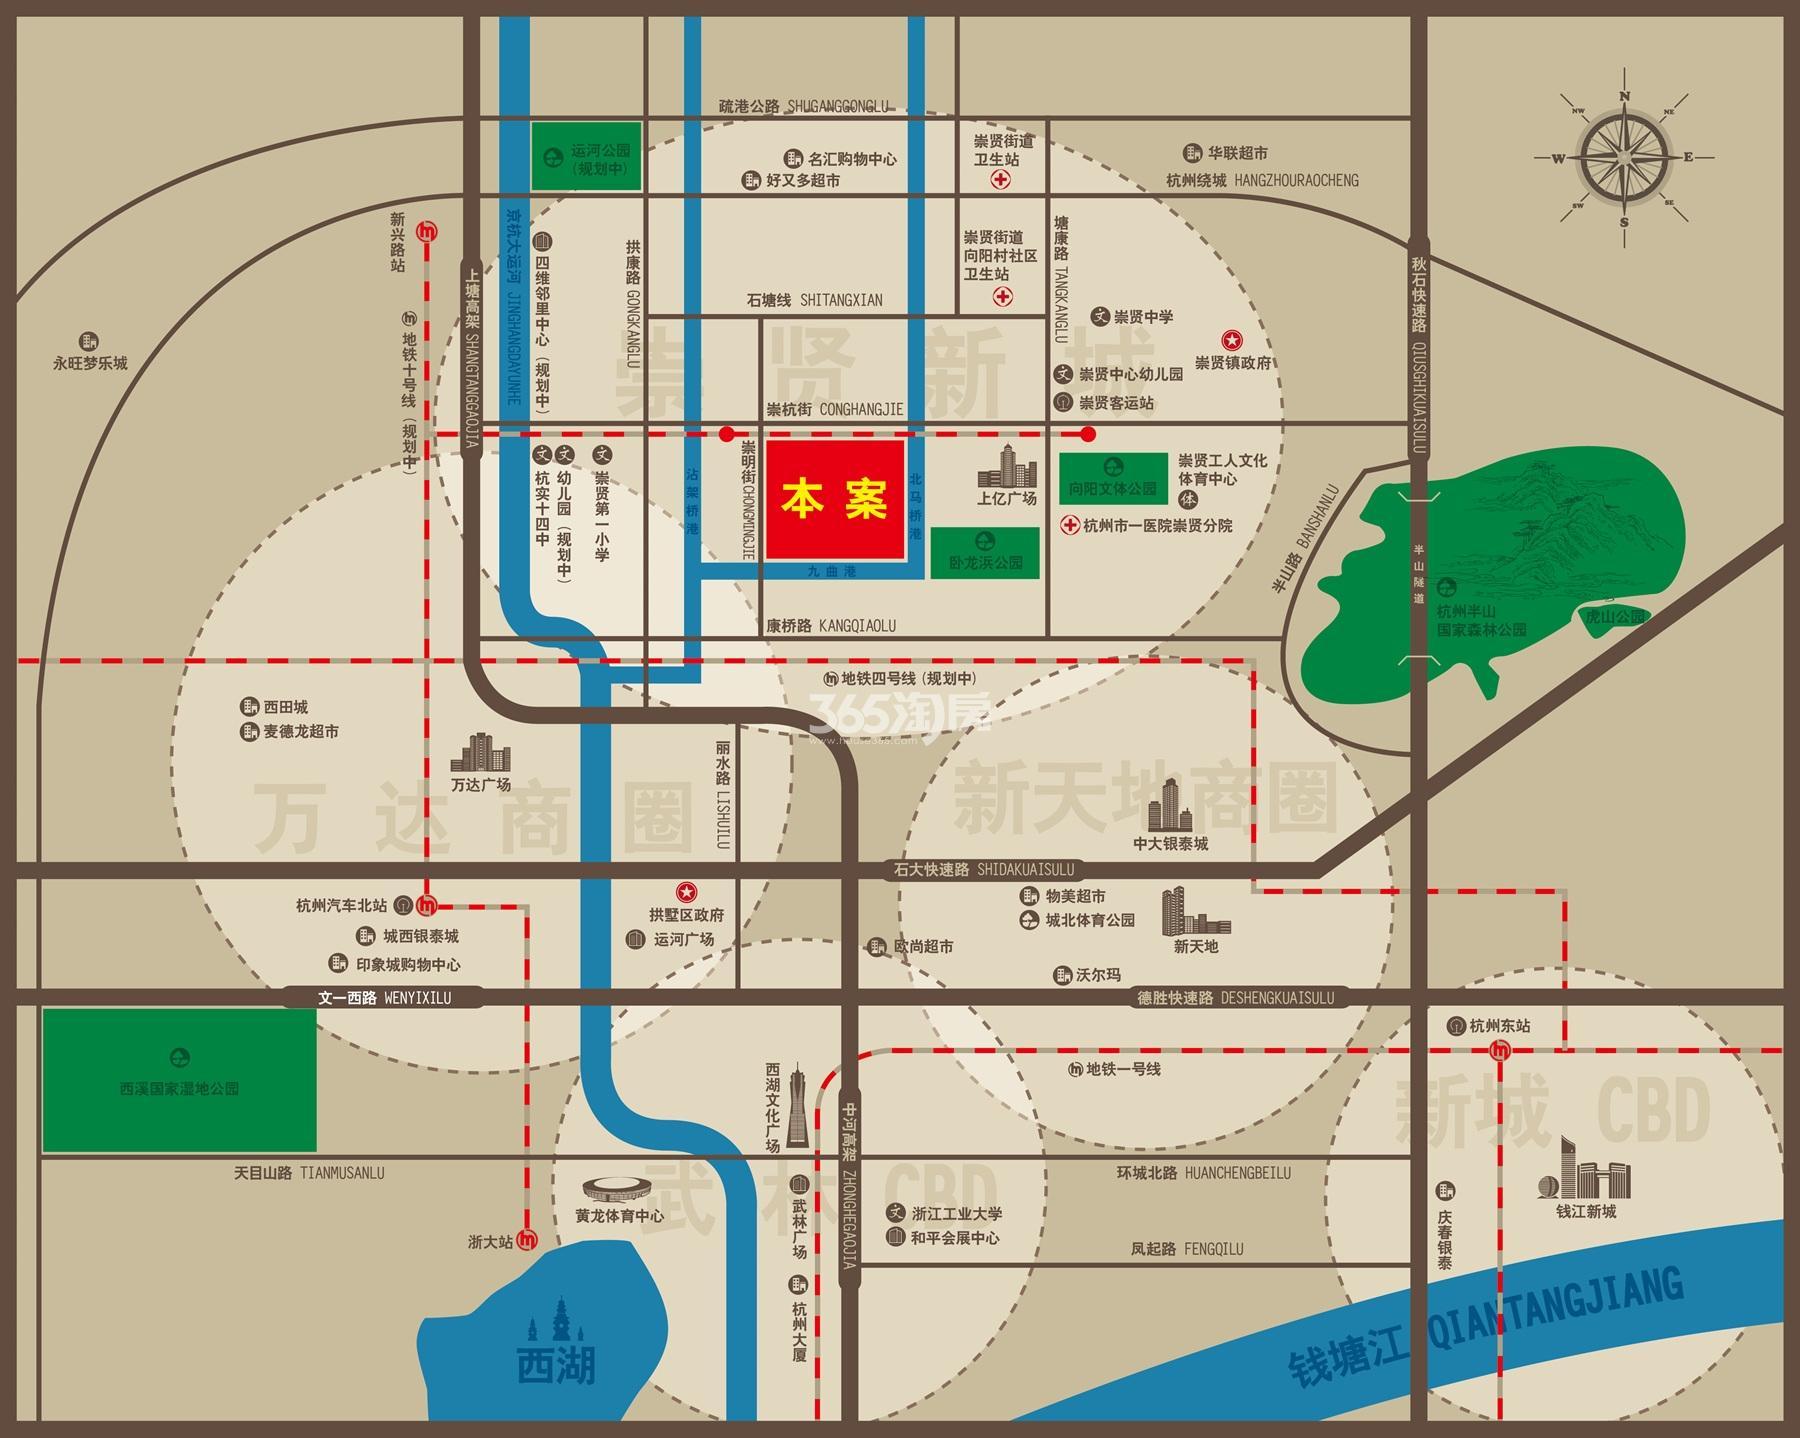 荣安翡翠半岛区位图